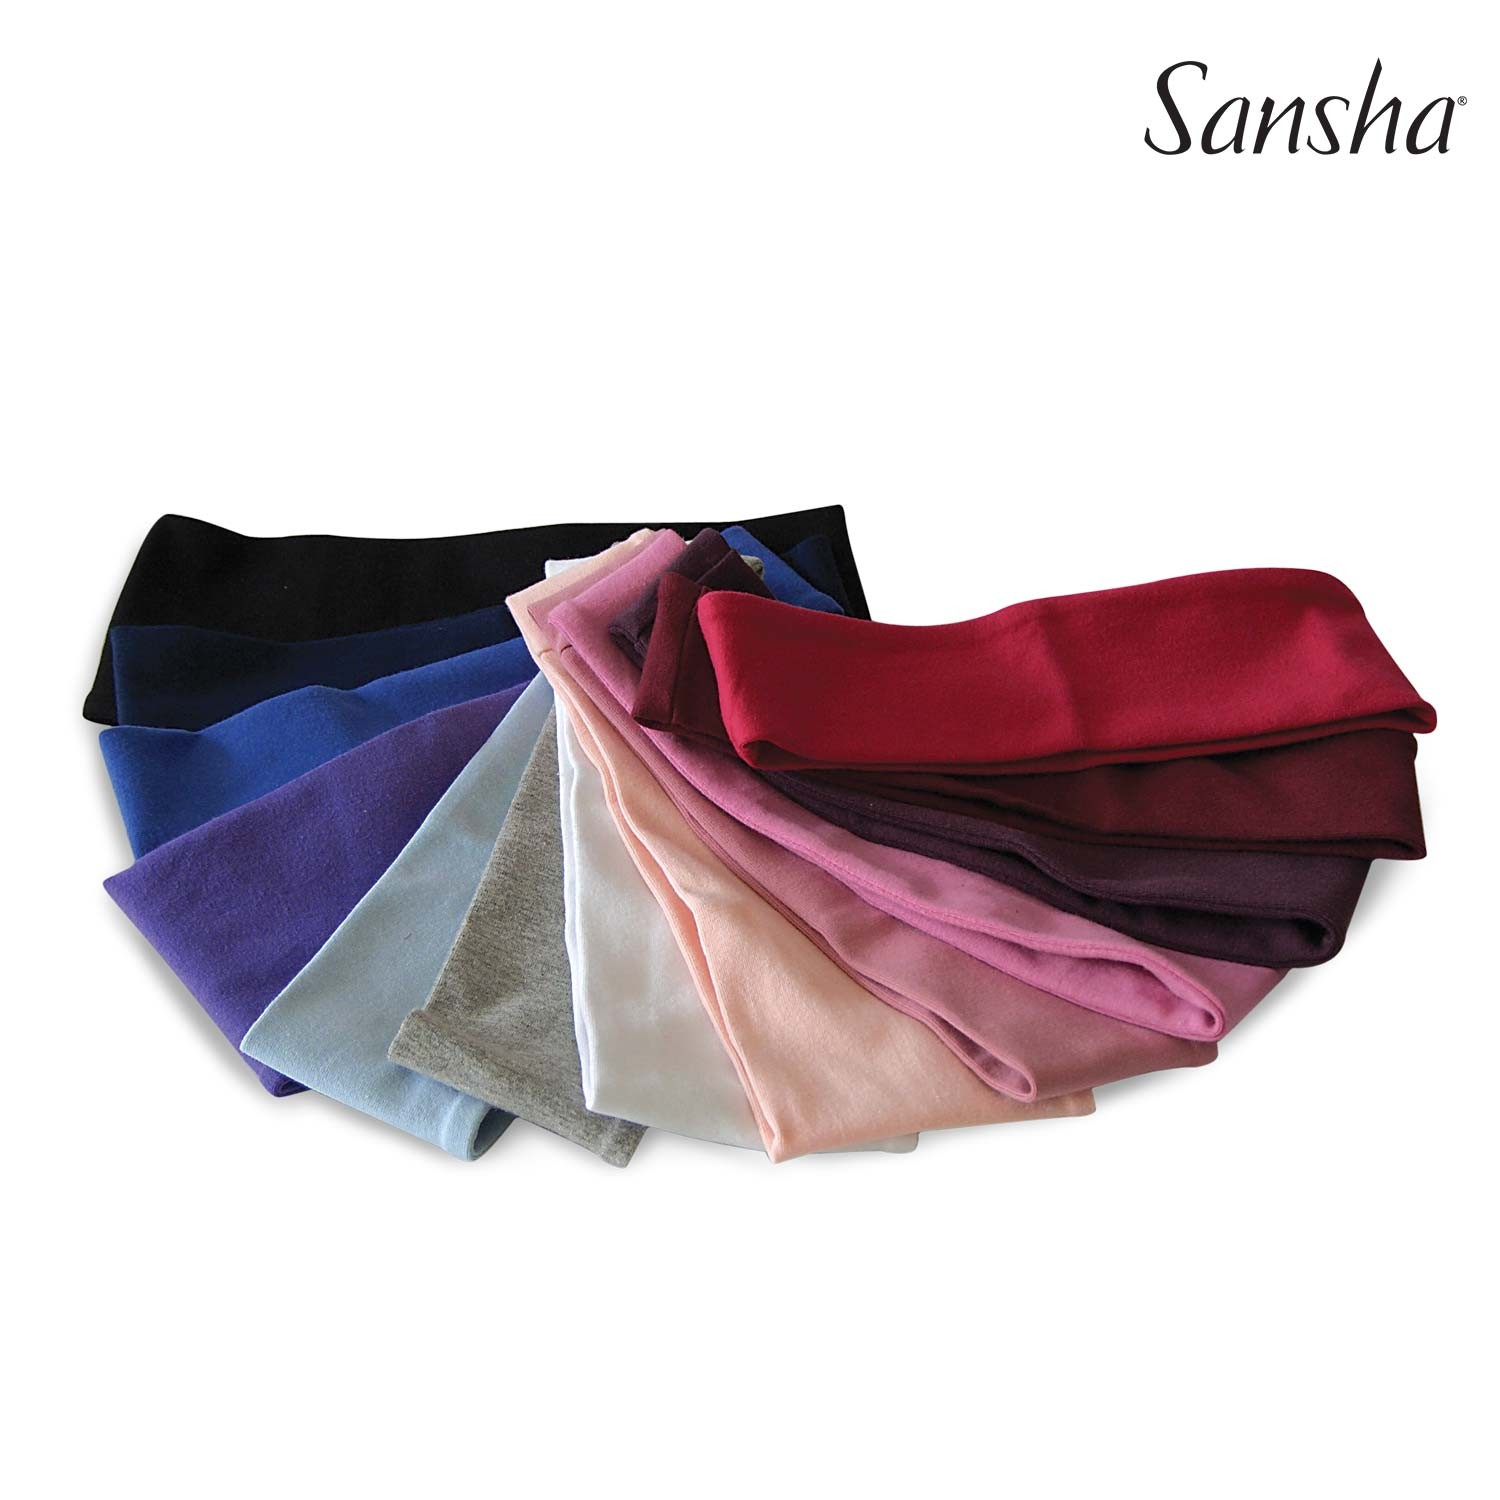 Sansha, musta hiuspanta